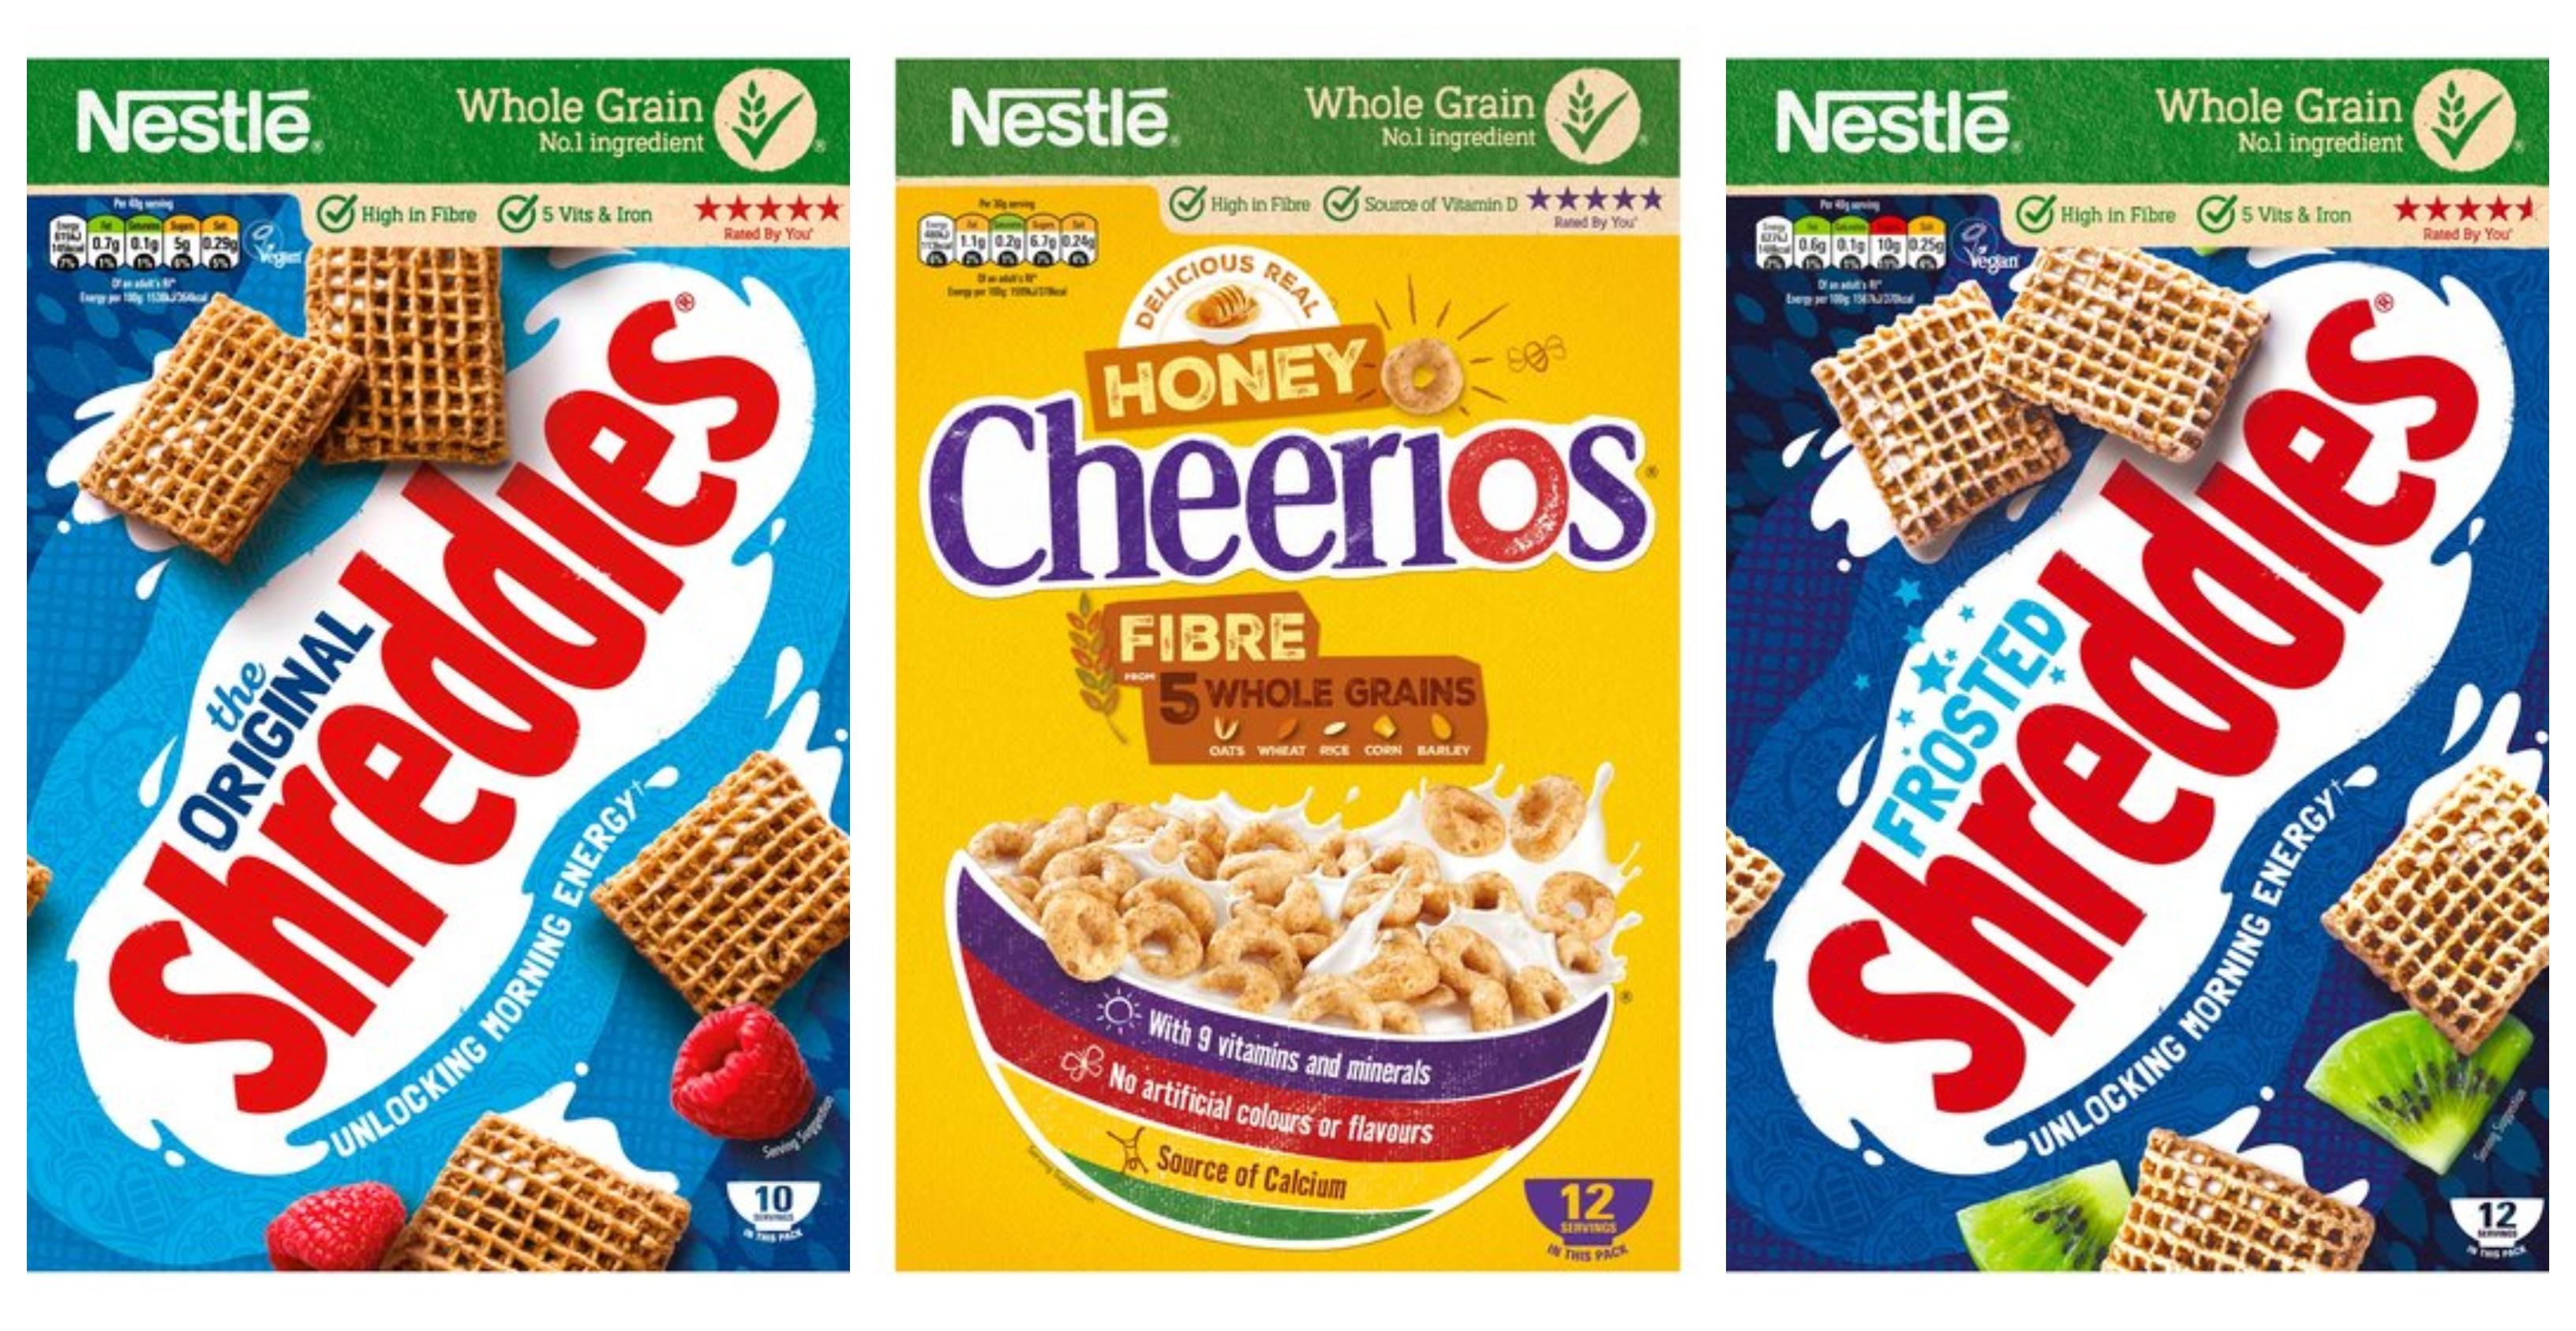 Nestle Shreddies Original Cereal 415g £1.05 / Nestle Shreddies Frosted Cereal 500g £1.40 / Nestle Cheerios Honey Cereal 375g £1.30 @ Tesco